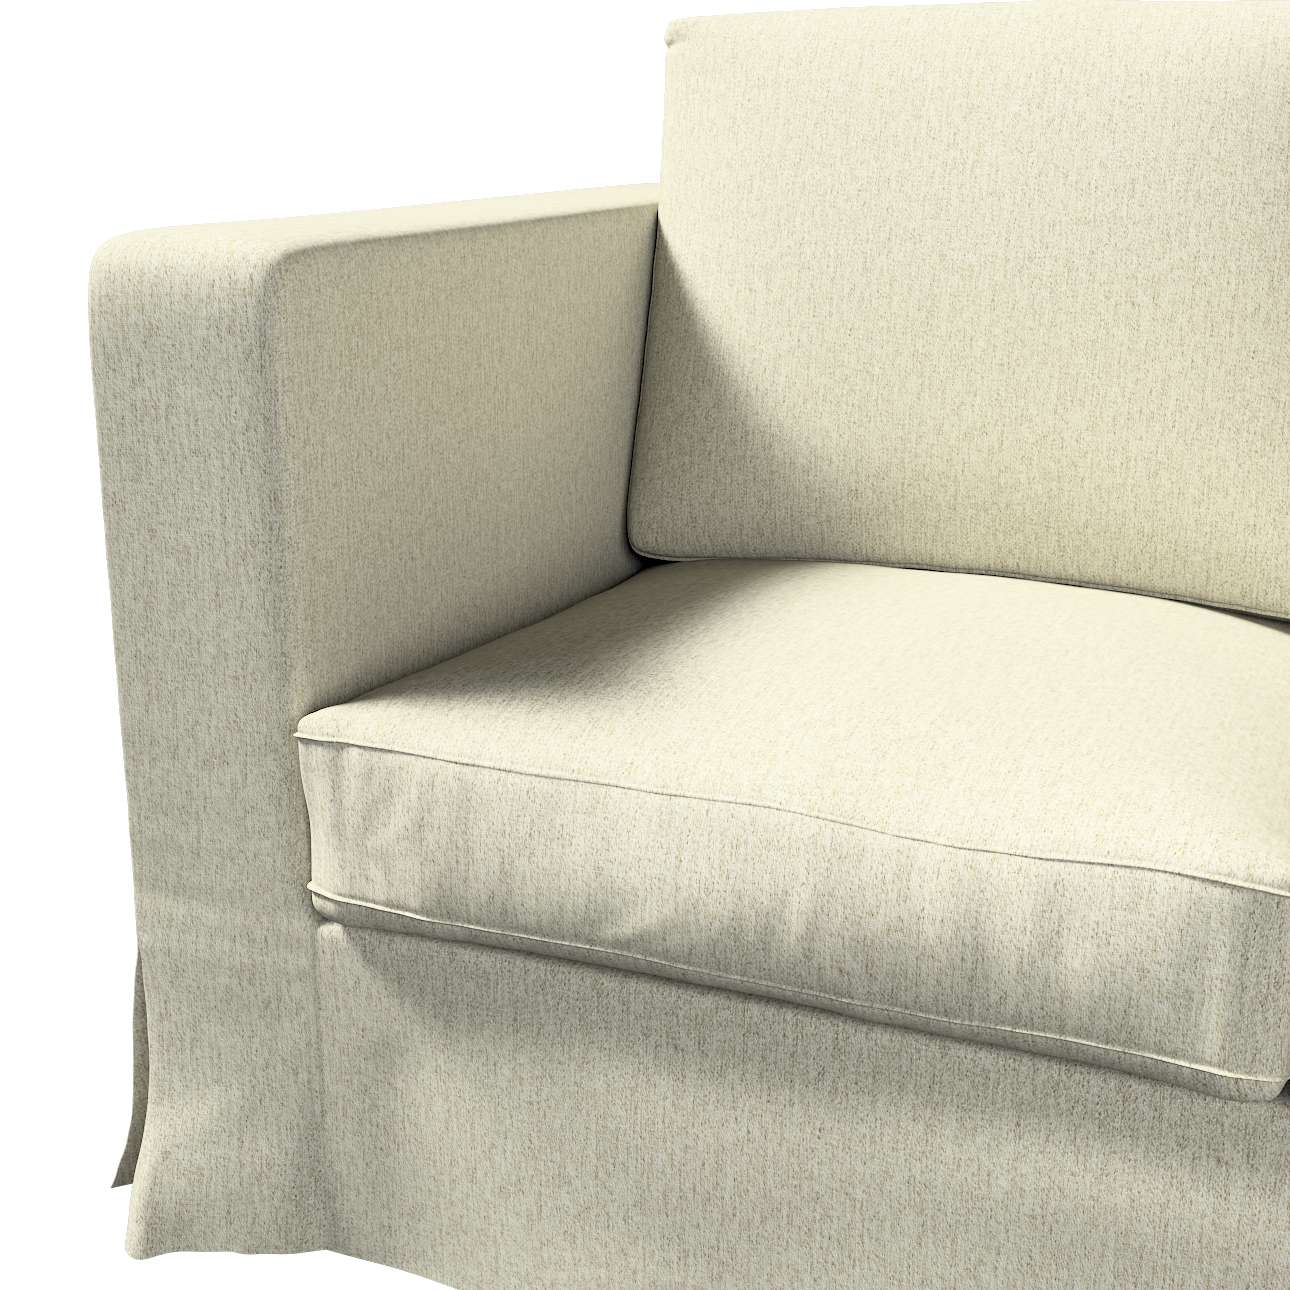 Bezug für Karlanda 3-Sitzer Sofa nicht ausklappbar, lang von der Kollektion Living, Stoff: 161-62